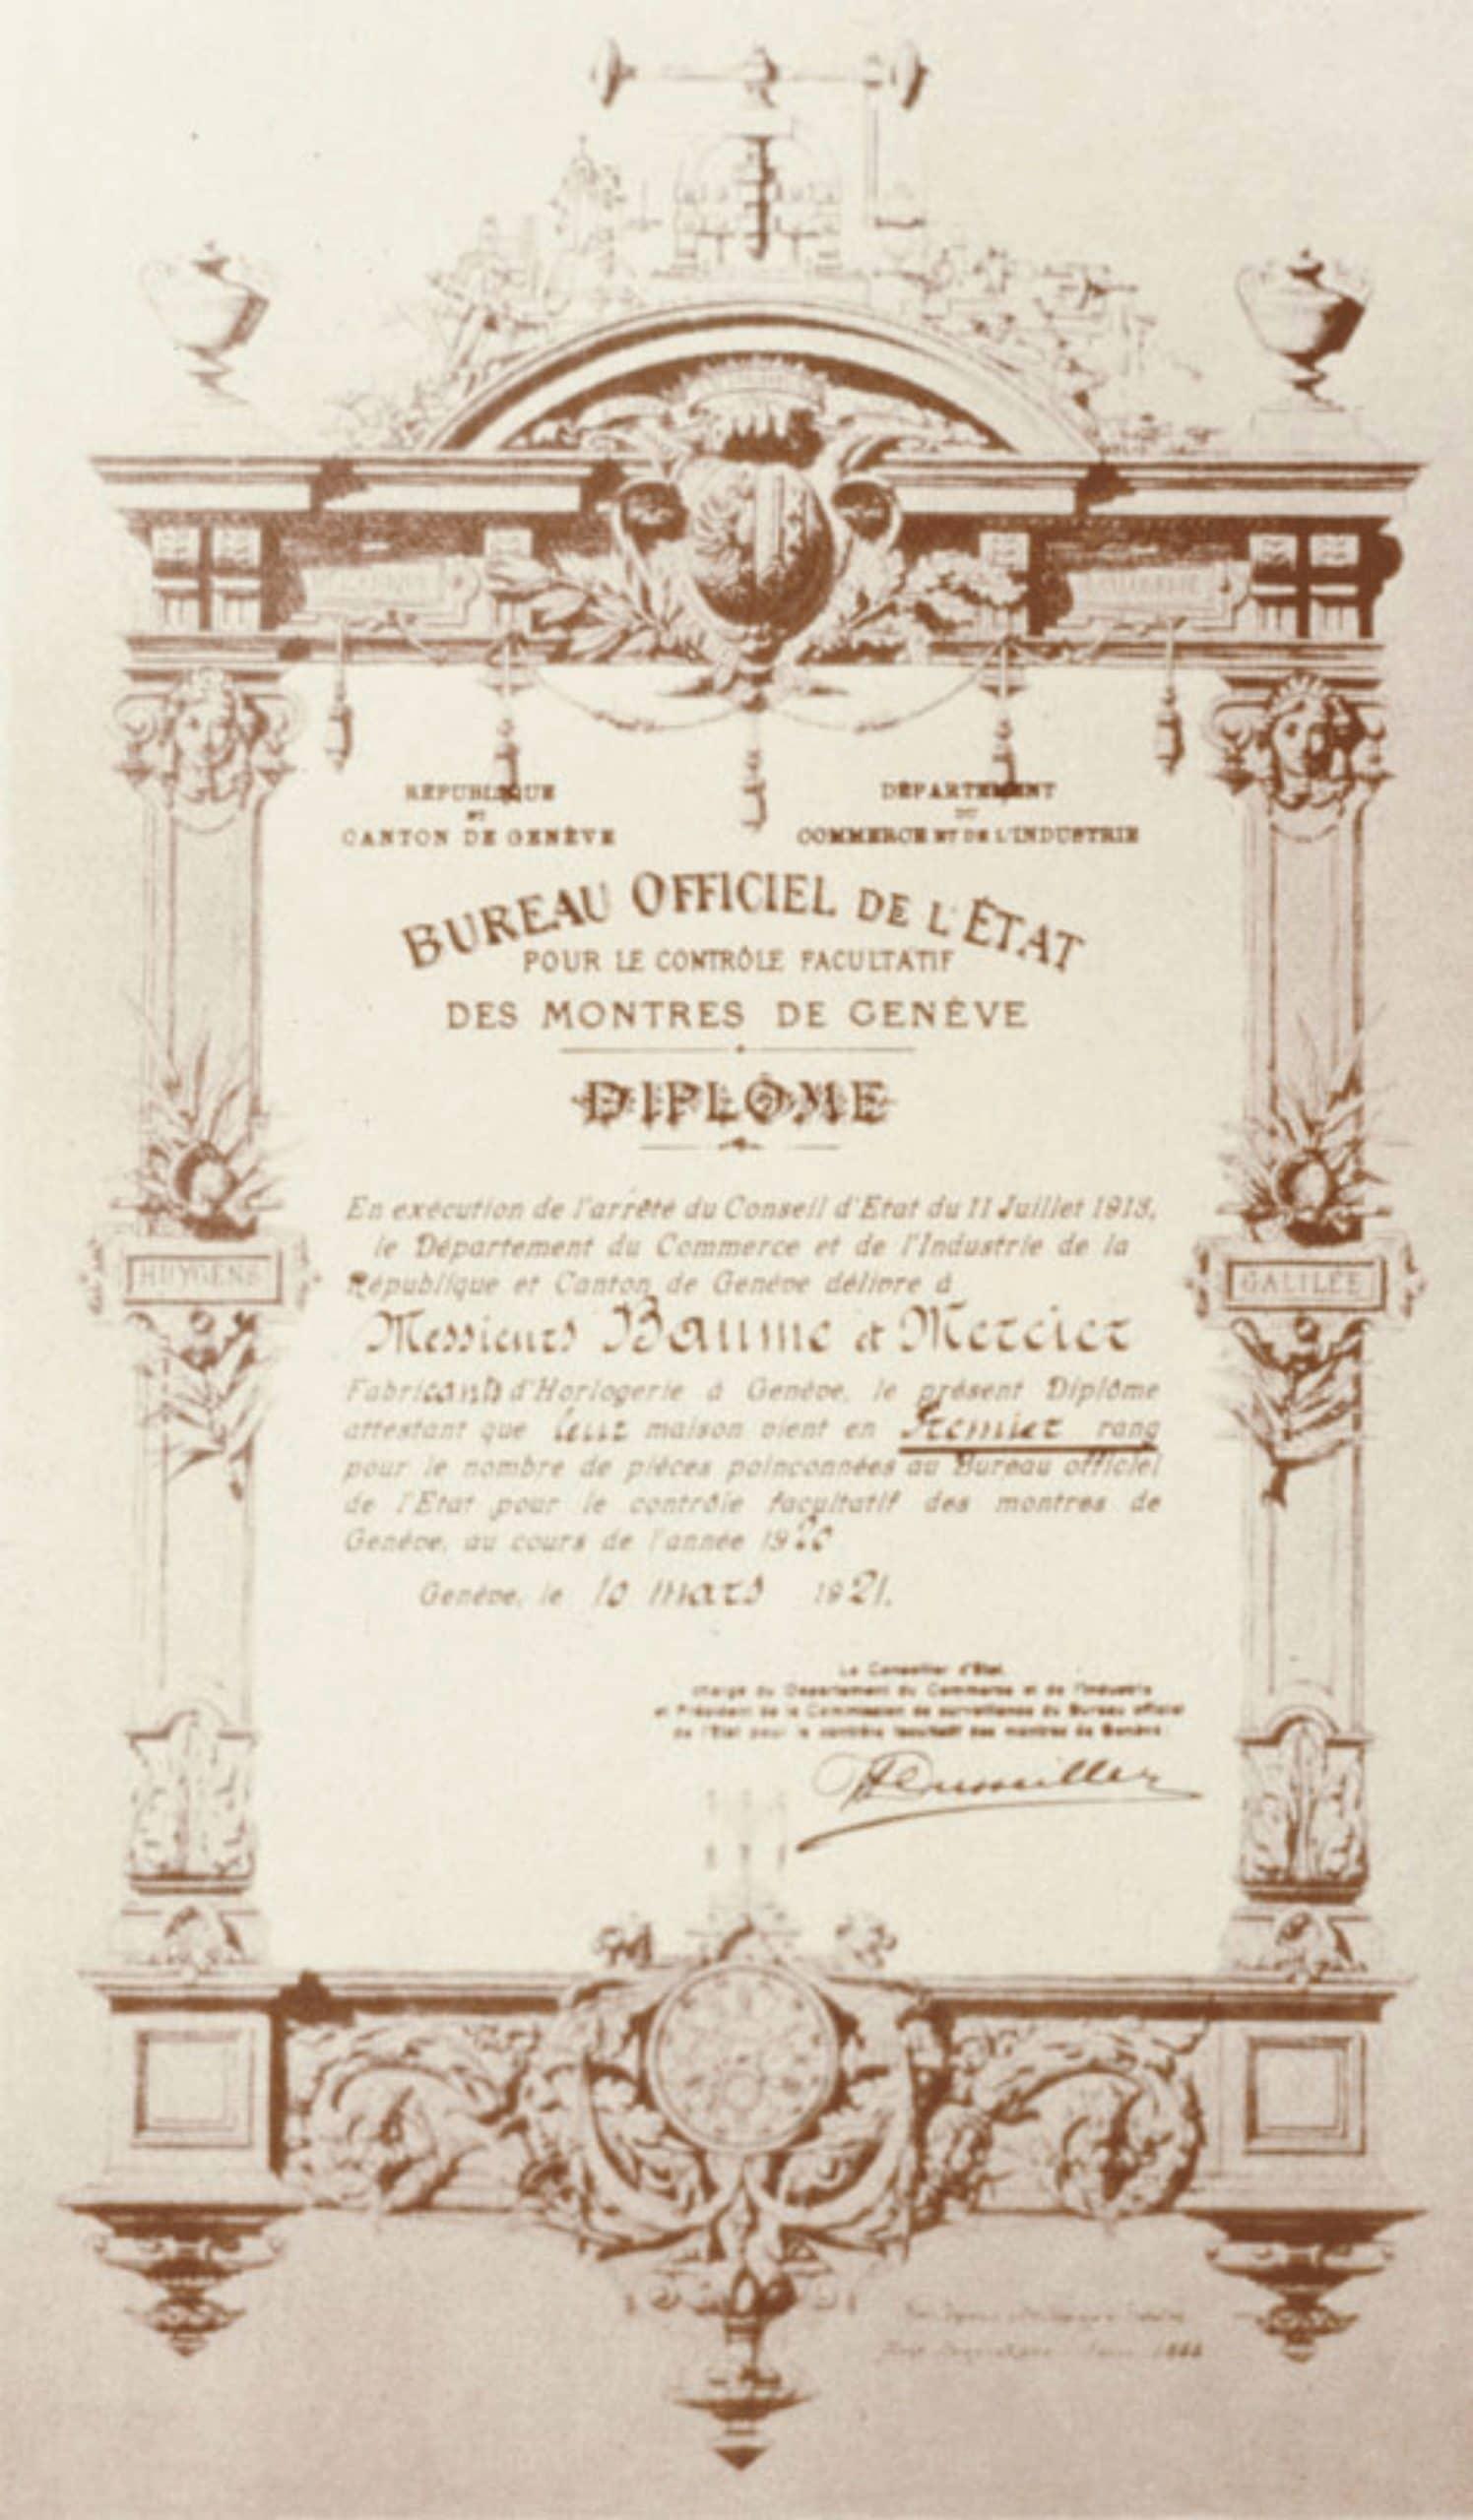 Baume_And_Mercier_Diploma